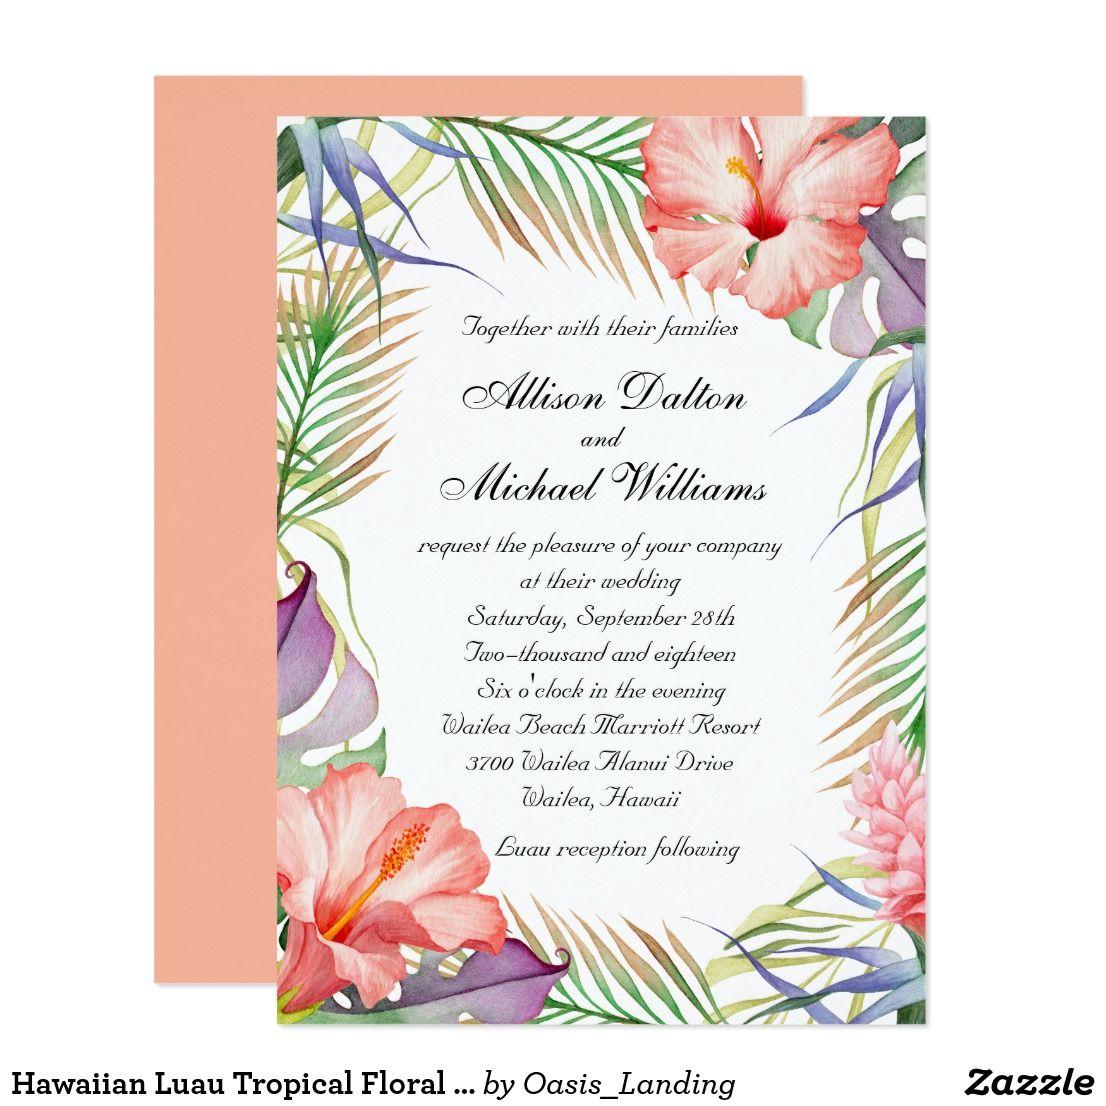 Hawaiian Luau Tropical Floral Wedding Card | Hawaiian luau, Floral ...